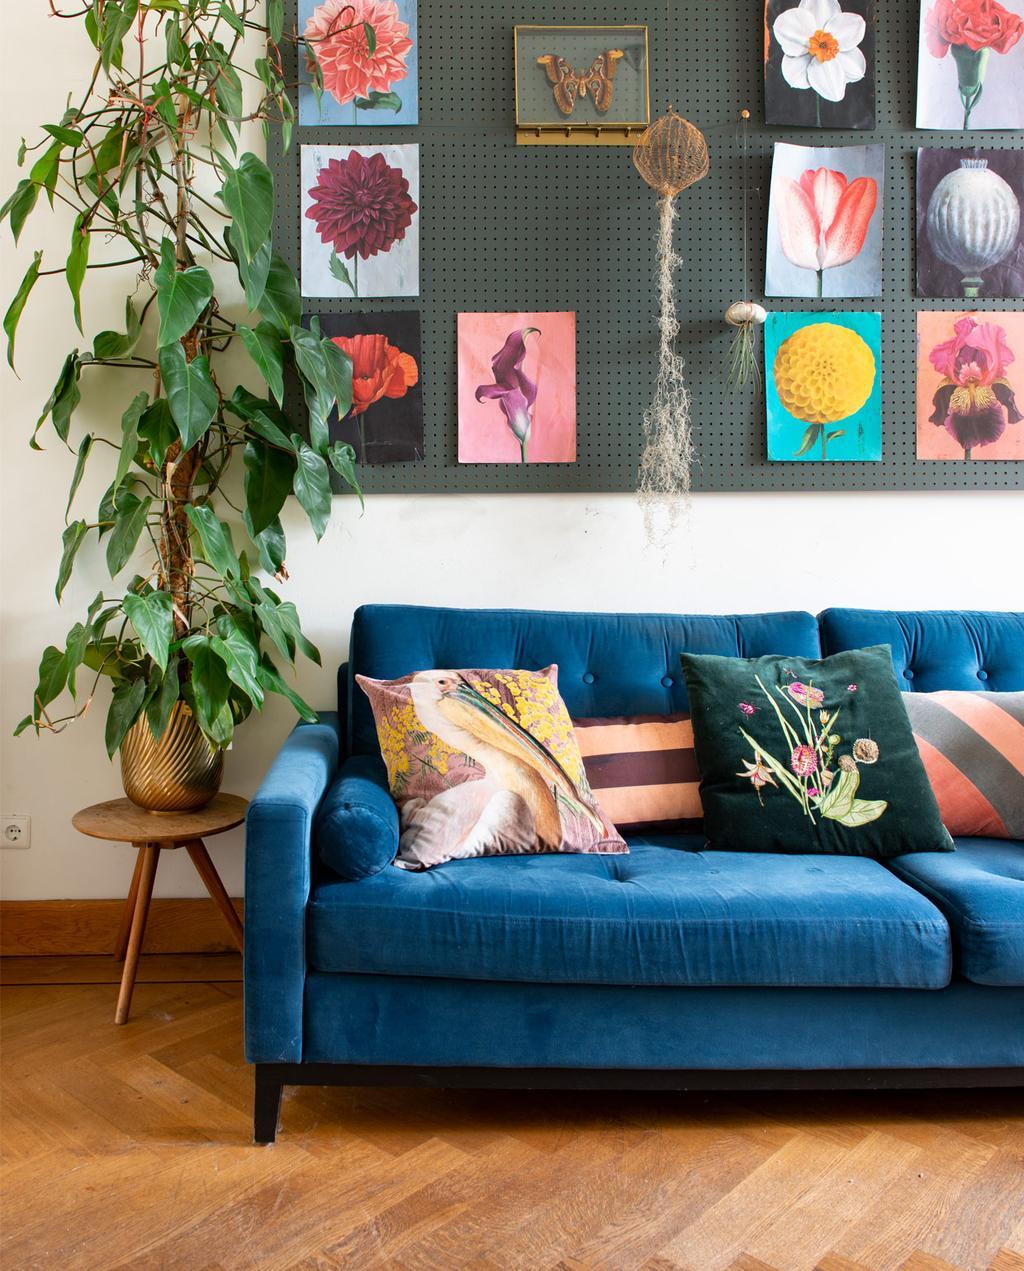 Blauwe bank | Botanische prints